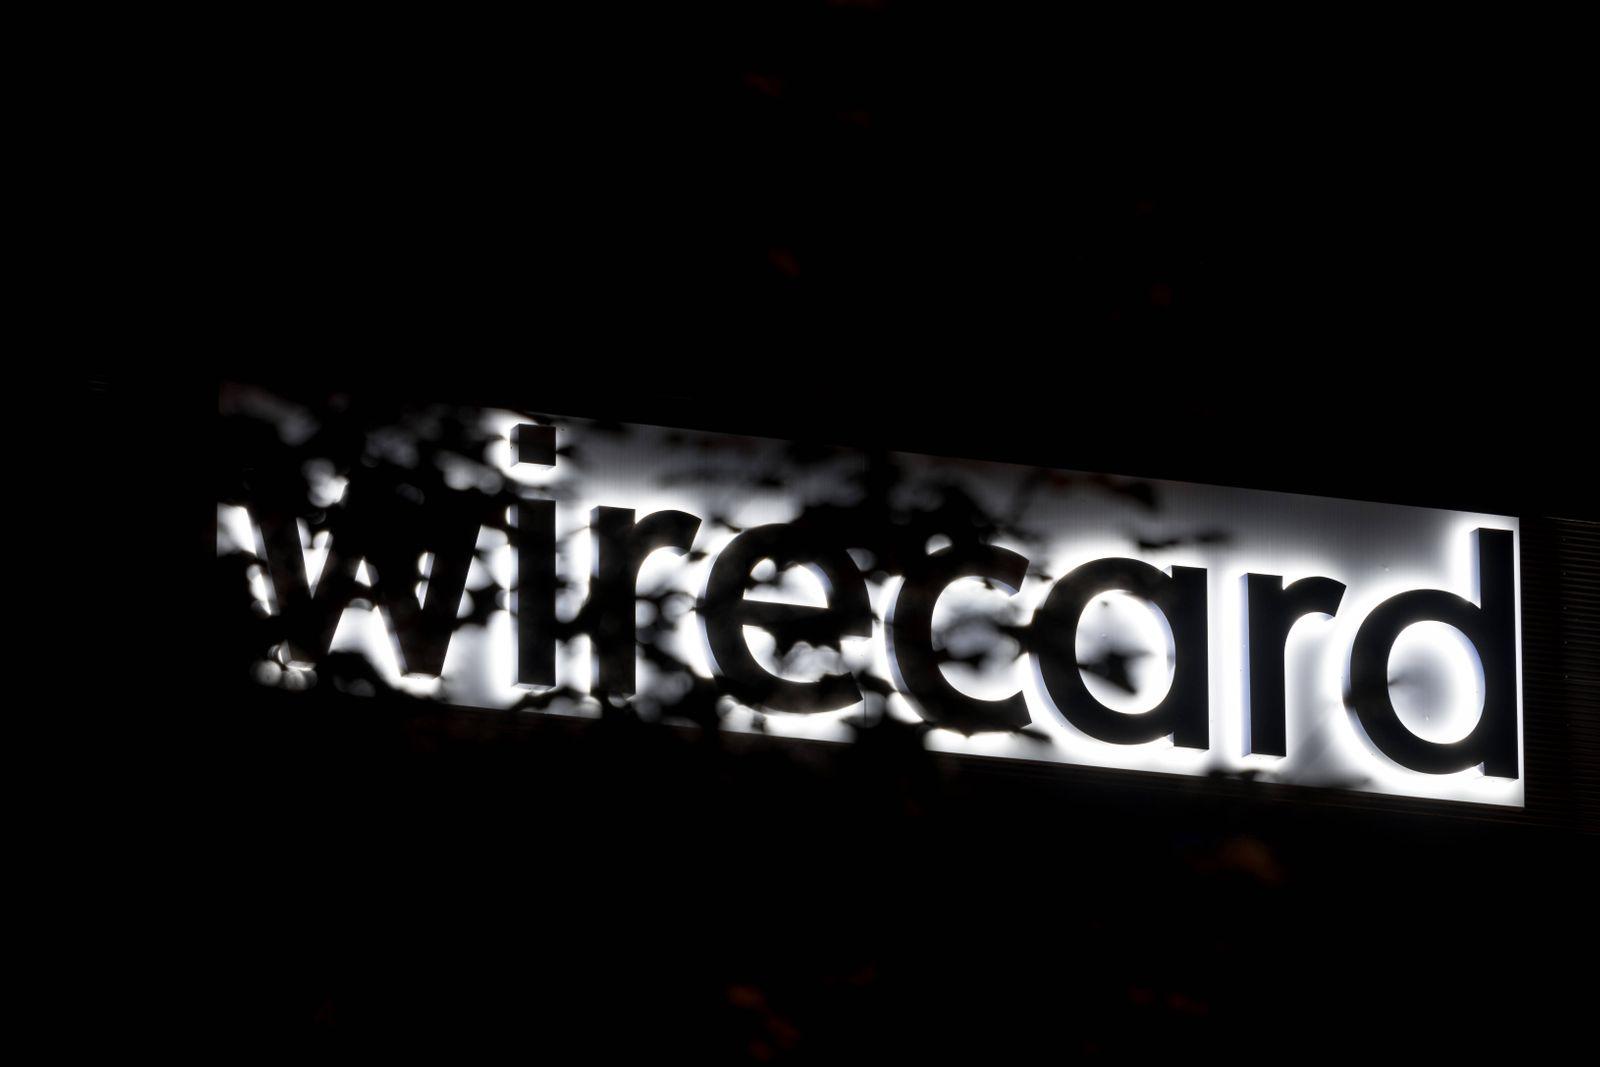 Wirecard Firmenlogo bei Nacht Im Bild Firmenlogo beleuchtet teilweise verdeckt Baum Bl?tter Verdunklung Verschleierung.